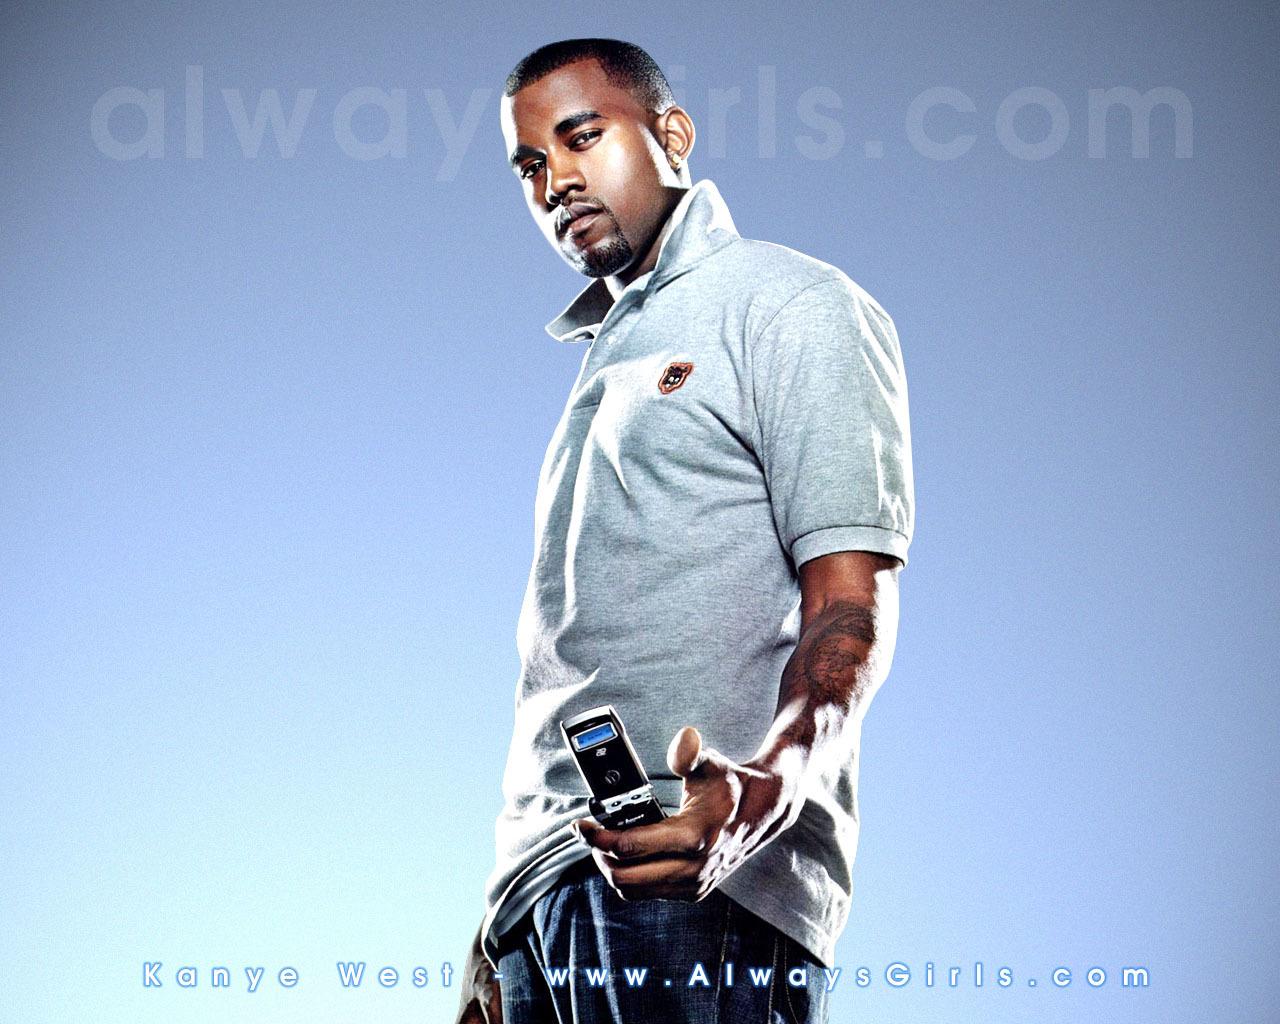 Kanye west boy 7 фотография